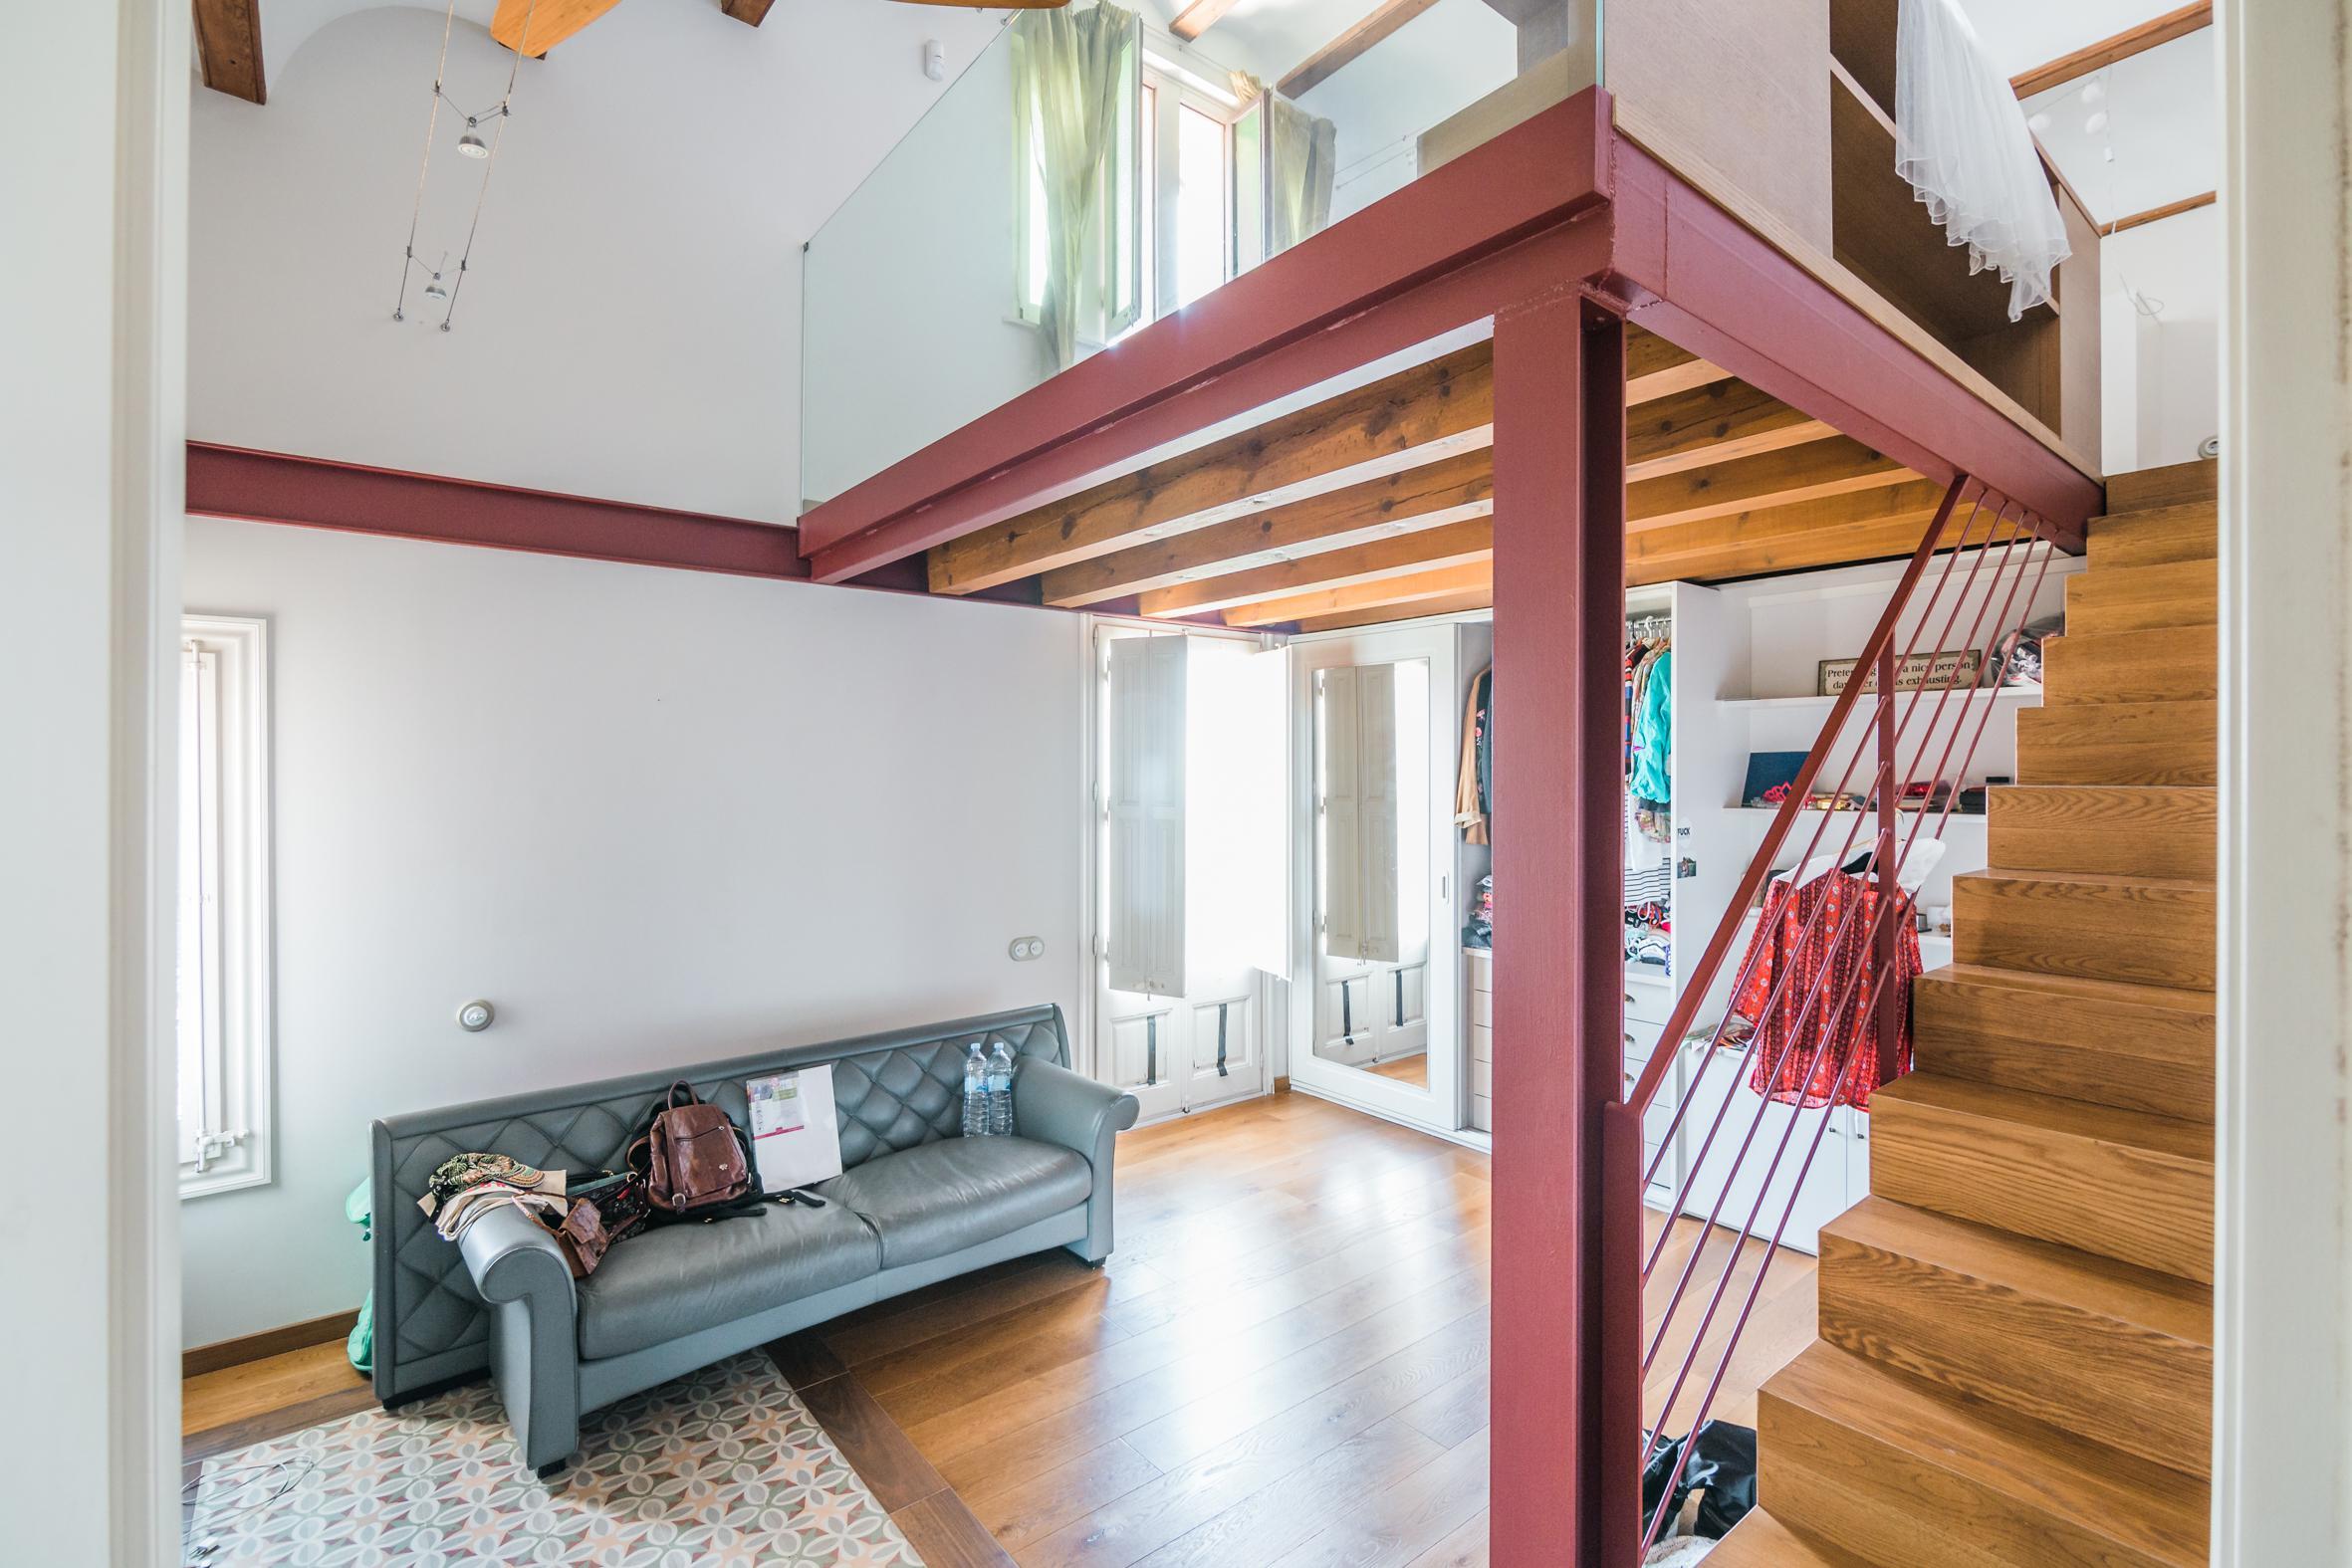 208148 Casa Aislada en venta en Sarrià-Sant Gervasi, Sarrià 18